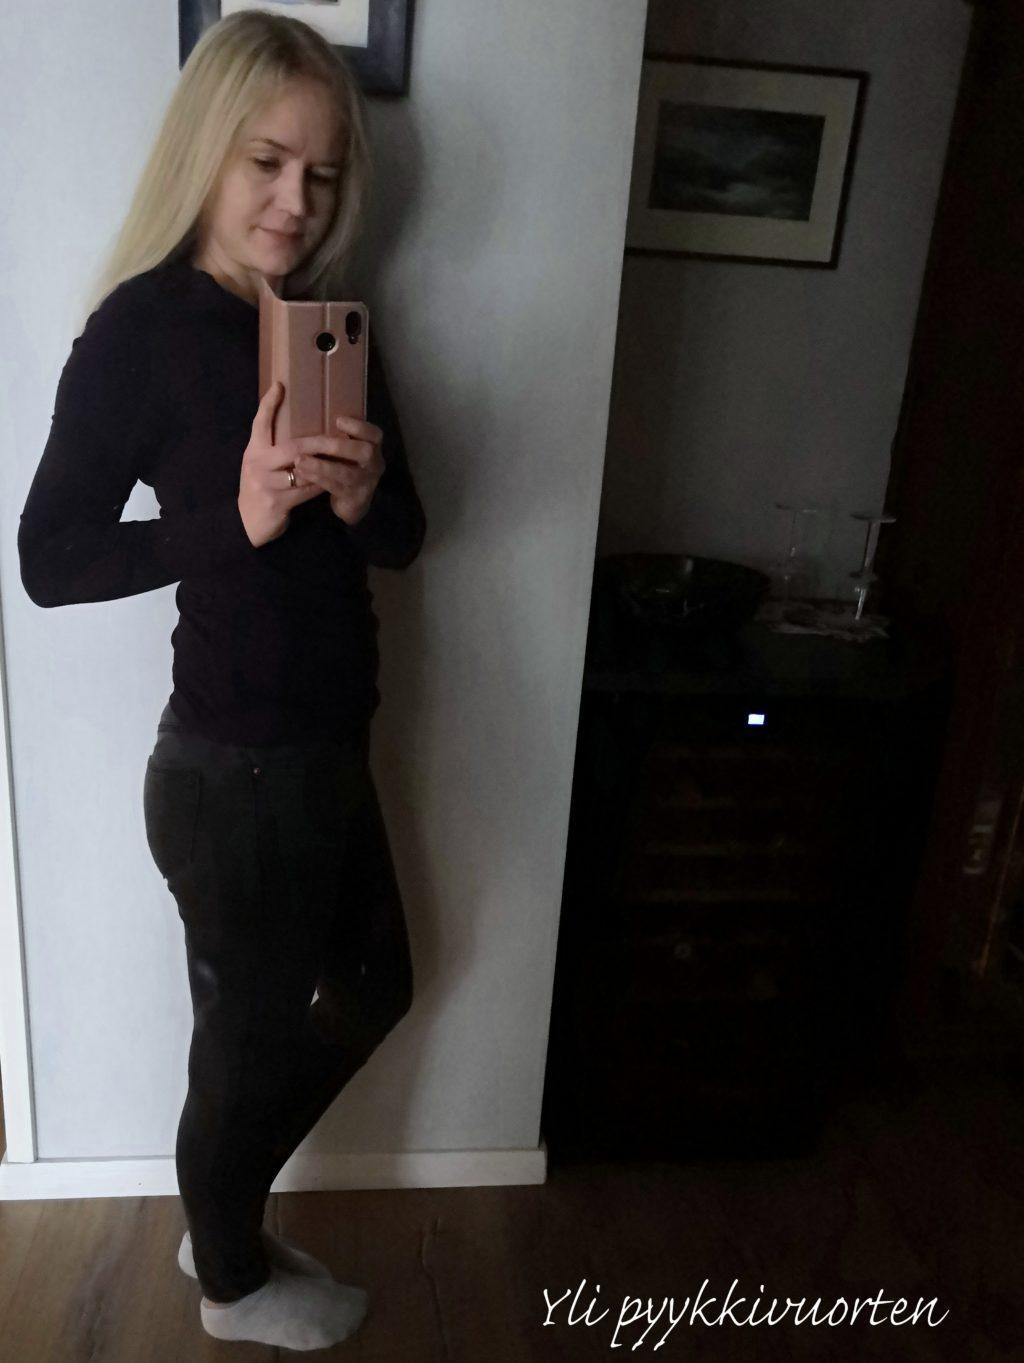 naisen paino